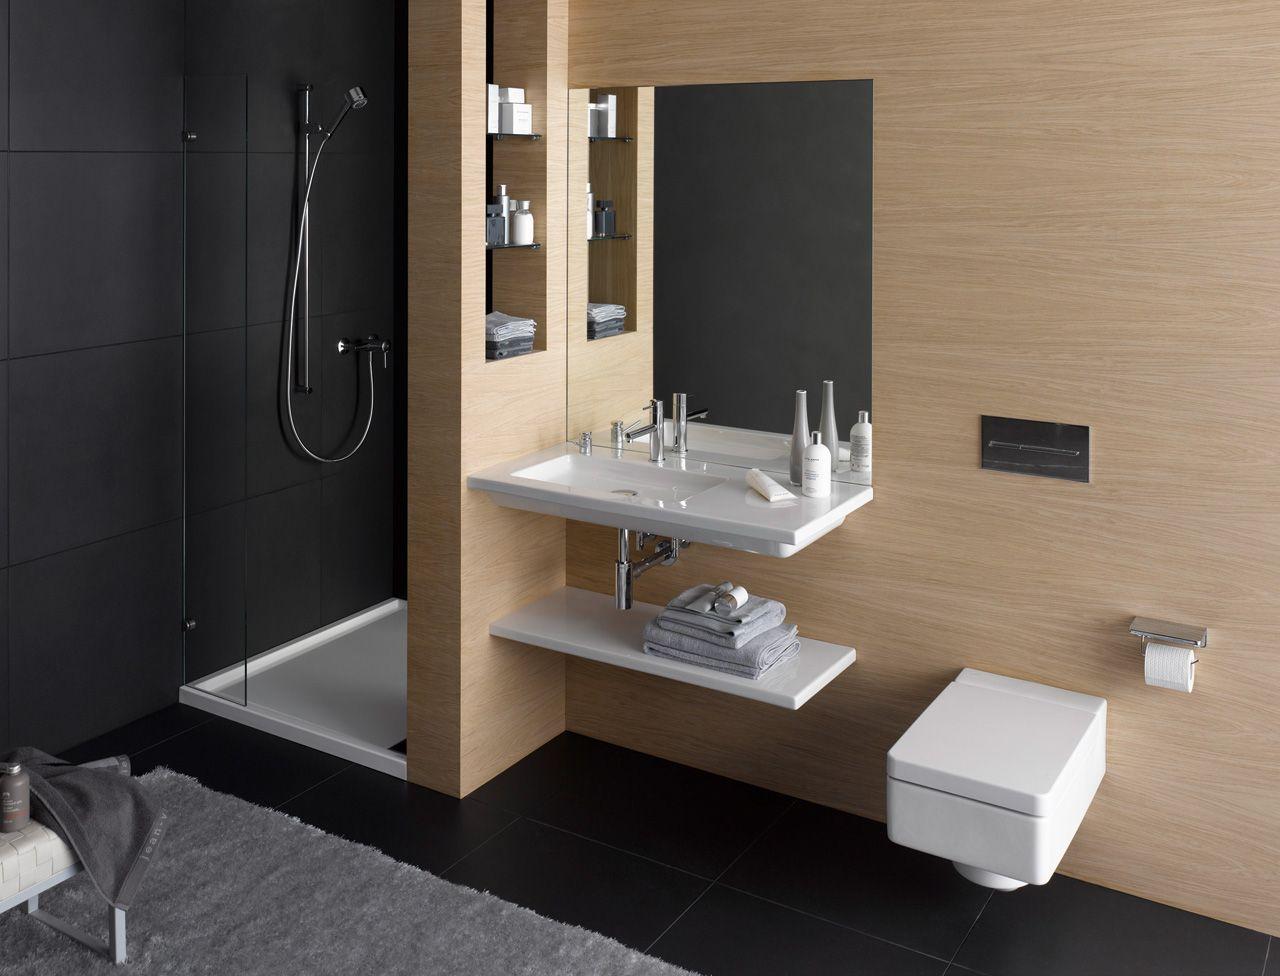 Petites salles de bains nos id es d co petites salles - Idee deco salle de bain petite ...